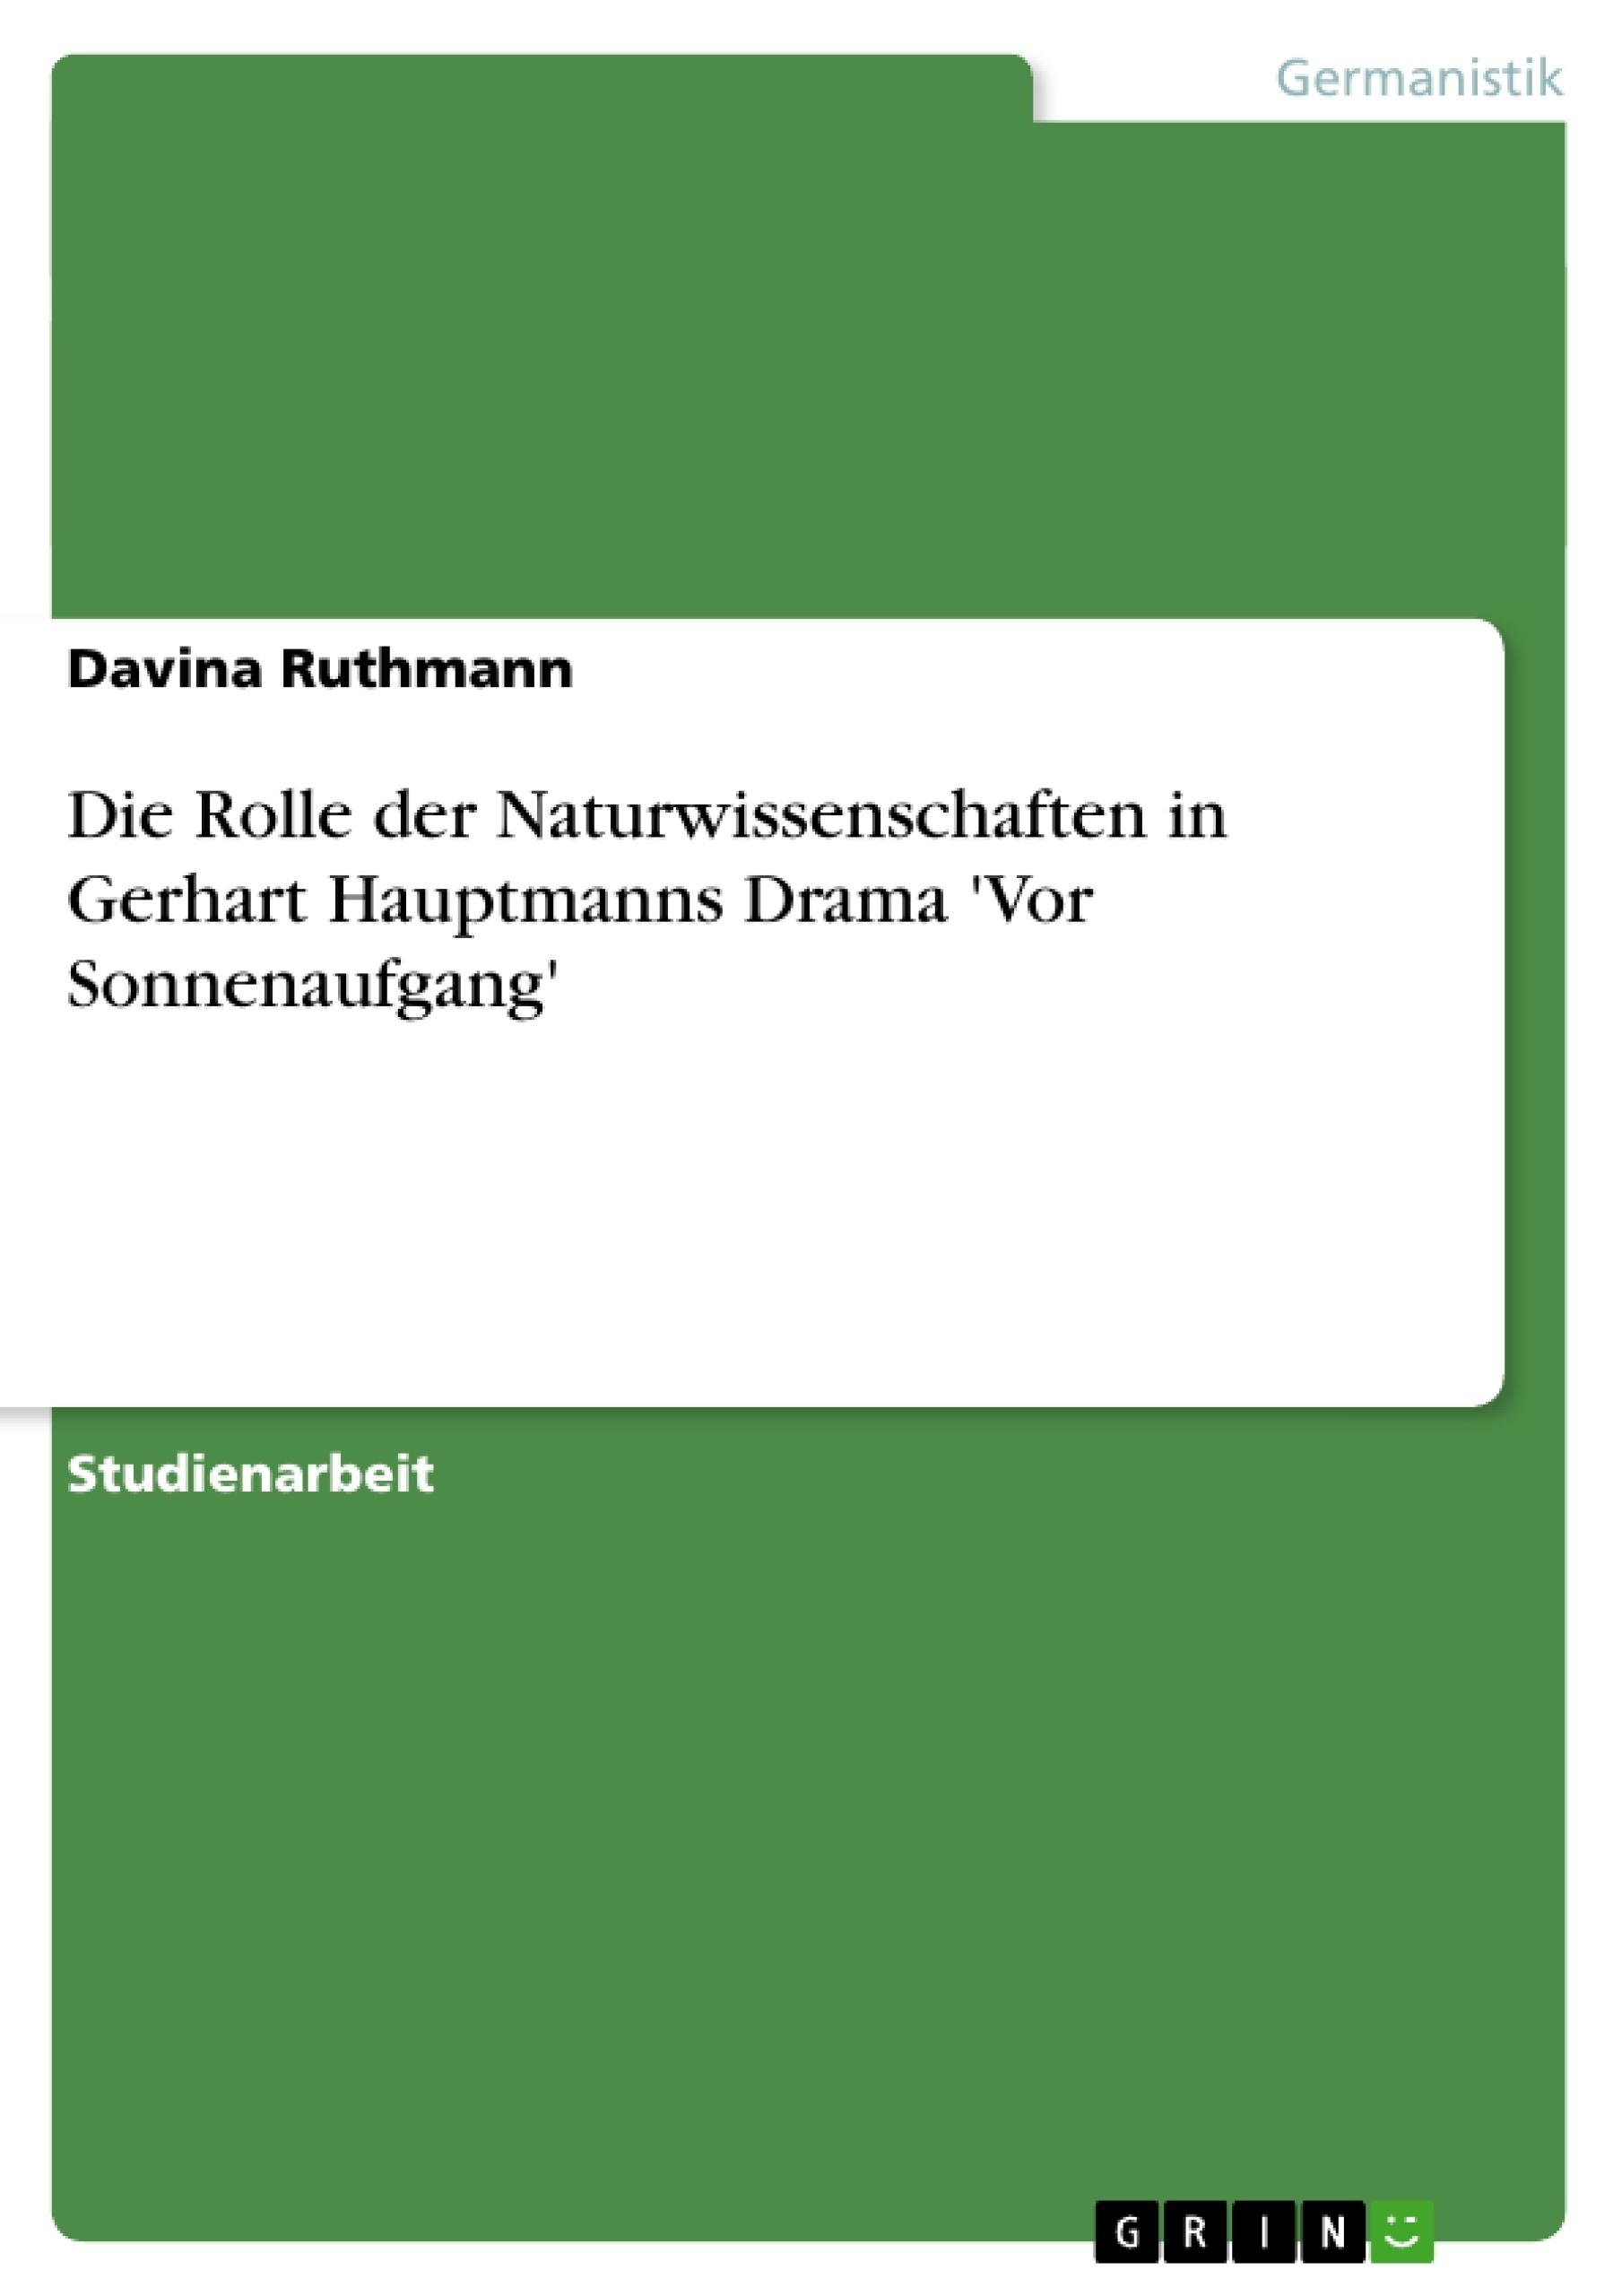 Titel: Die Rolle der Naturwissenschaften in Gerhart Hauptmanns Drama 'Vor Sonnenaufgang'